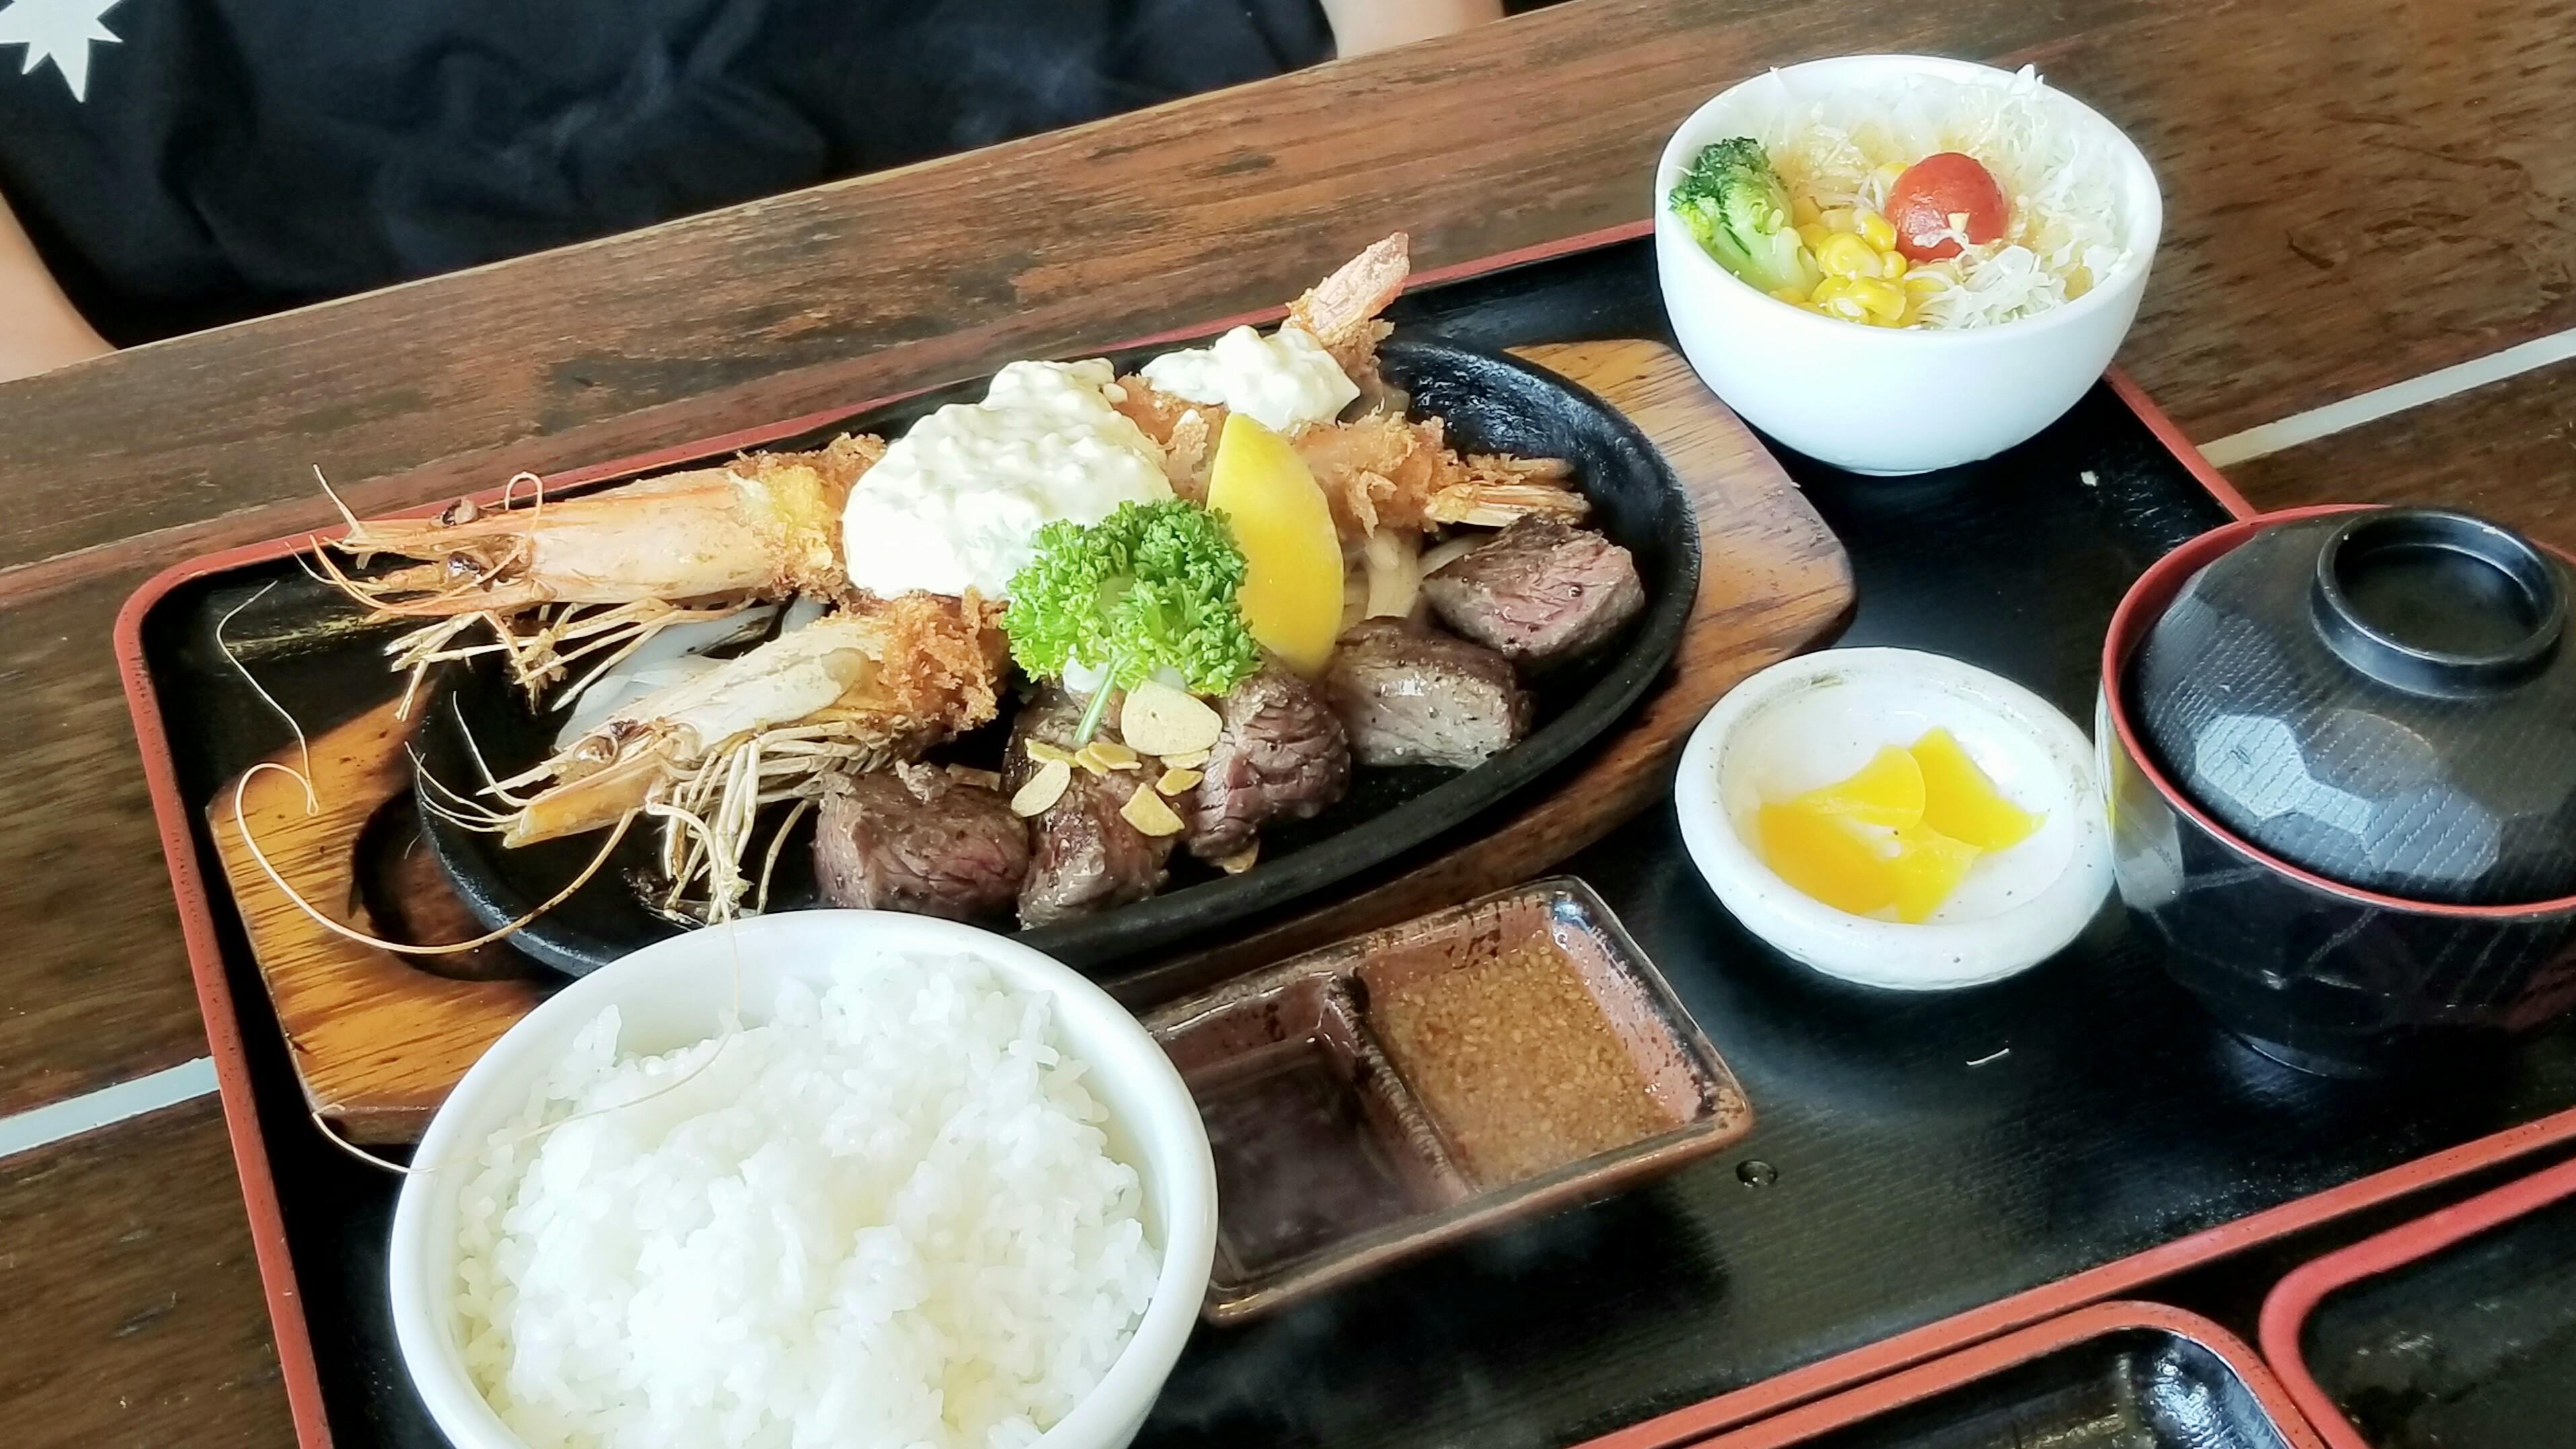 松山市駅前Jふらんくジャンボエビフライステーキおいしいおすすめ